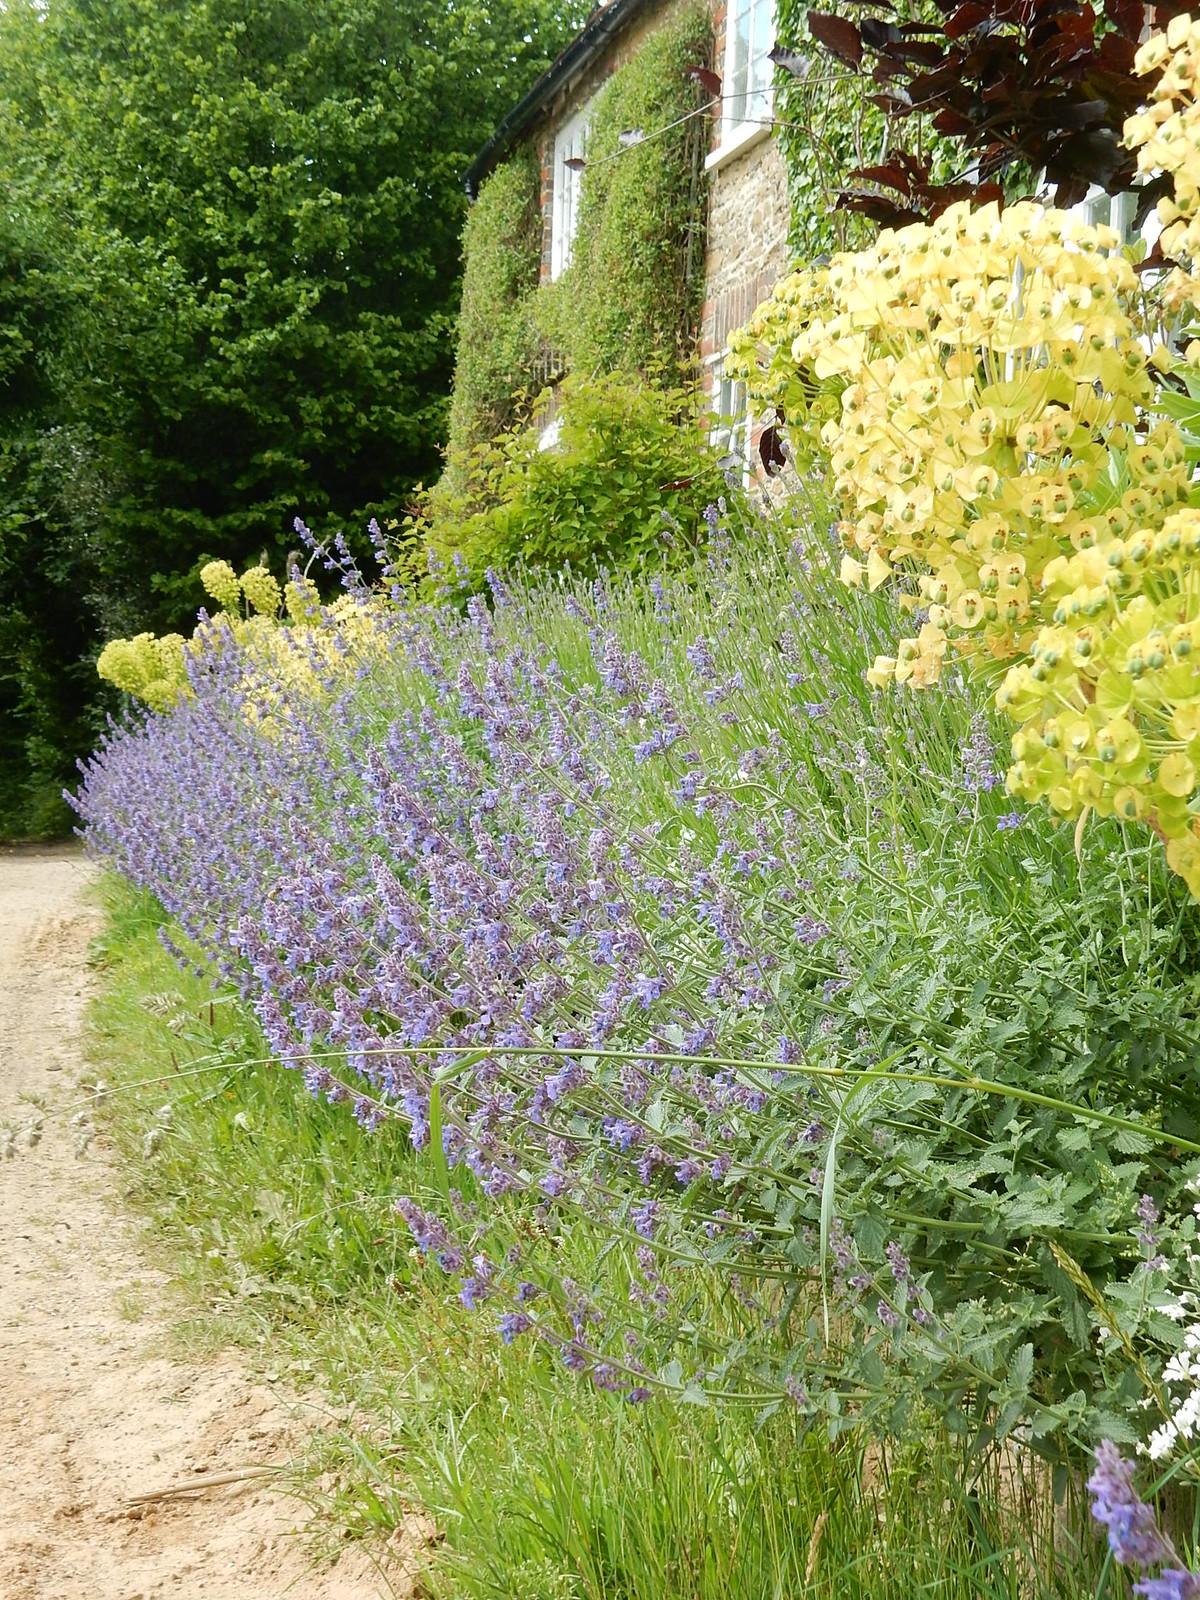 Cottage garden Milford to Godalming